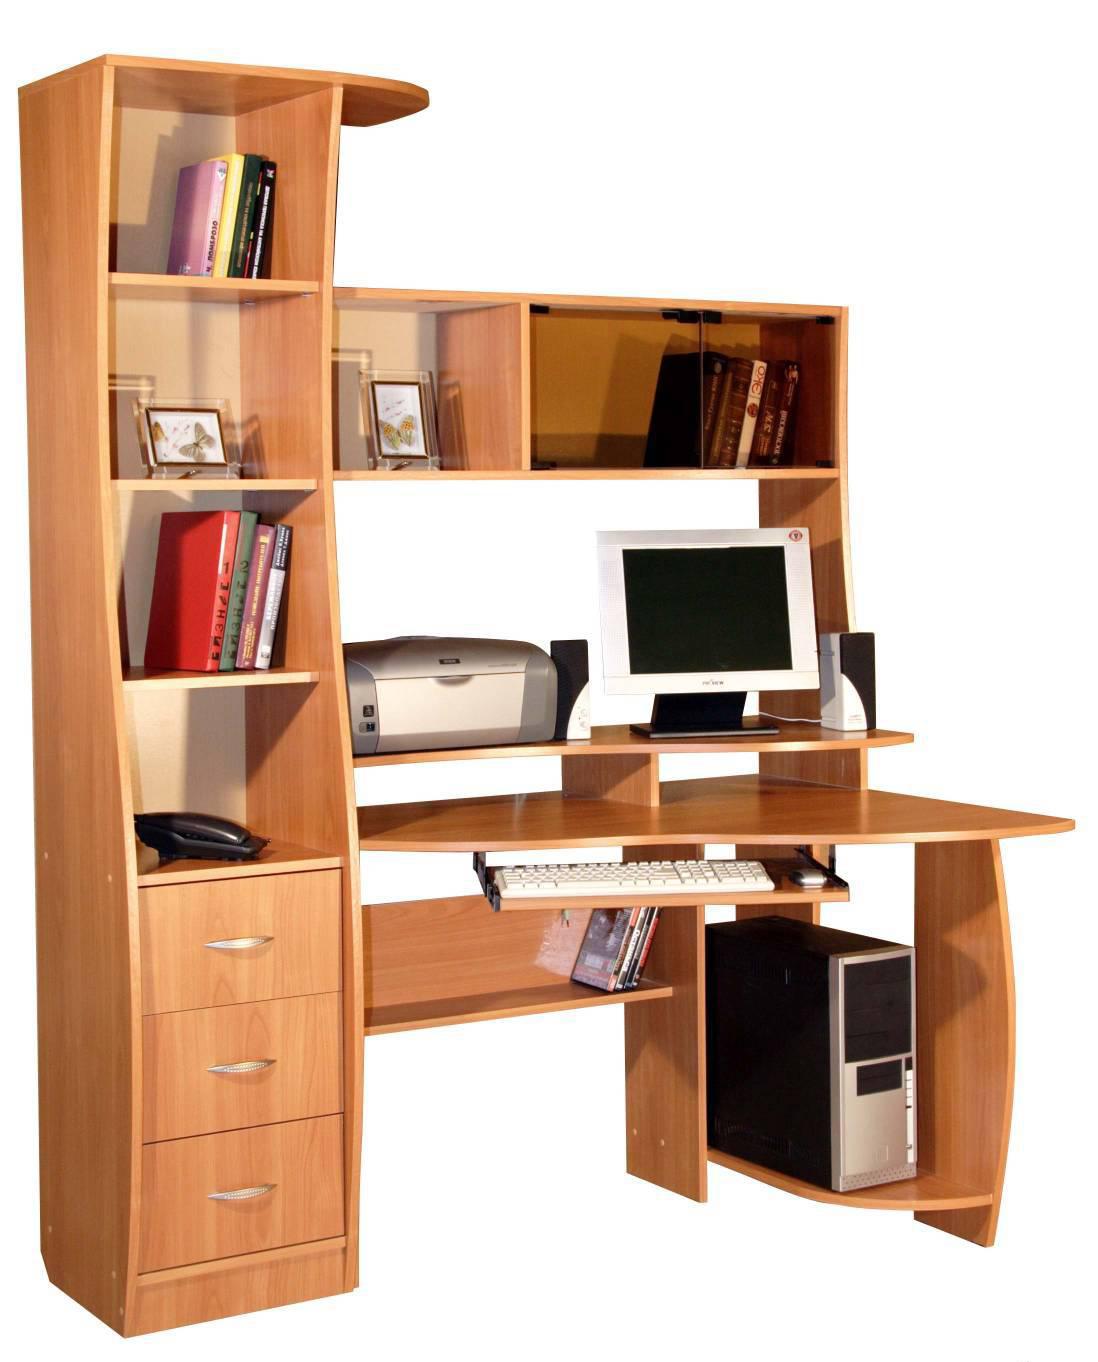 Стол с пеналом - столы, заказать или купить в полоцке и ново.